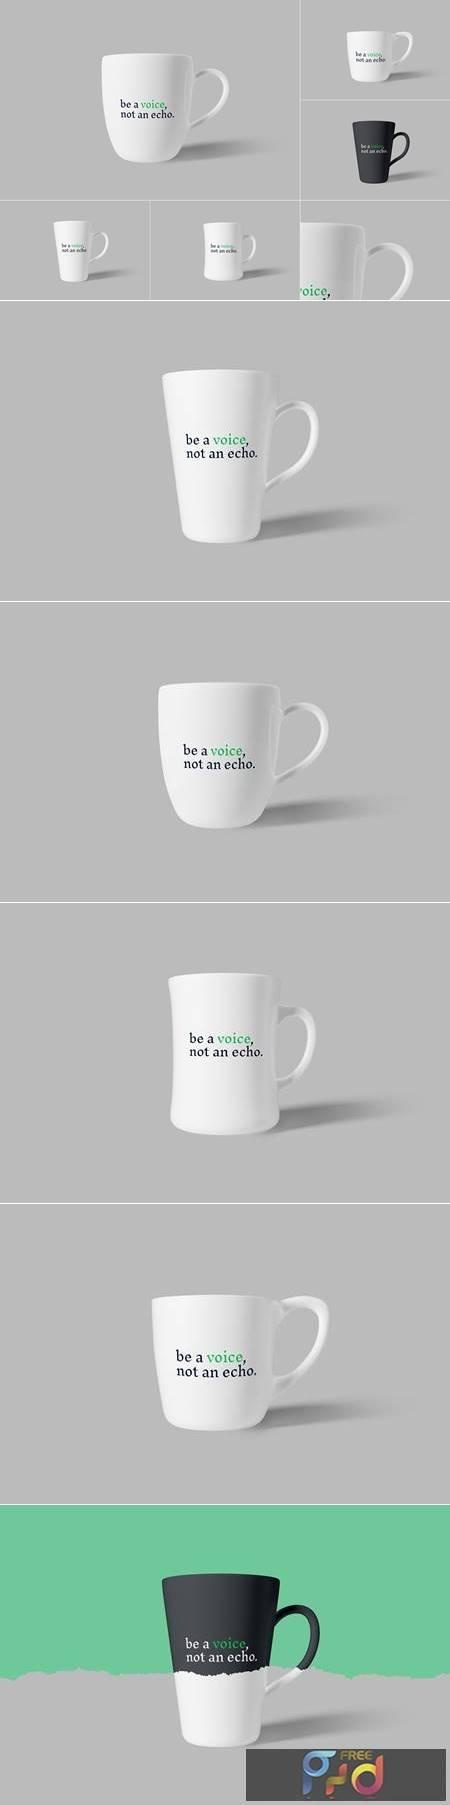 Cup and Mug Mockups - 5723445 1